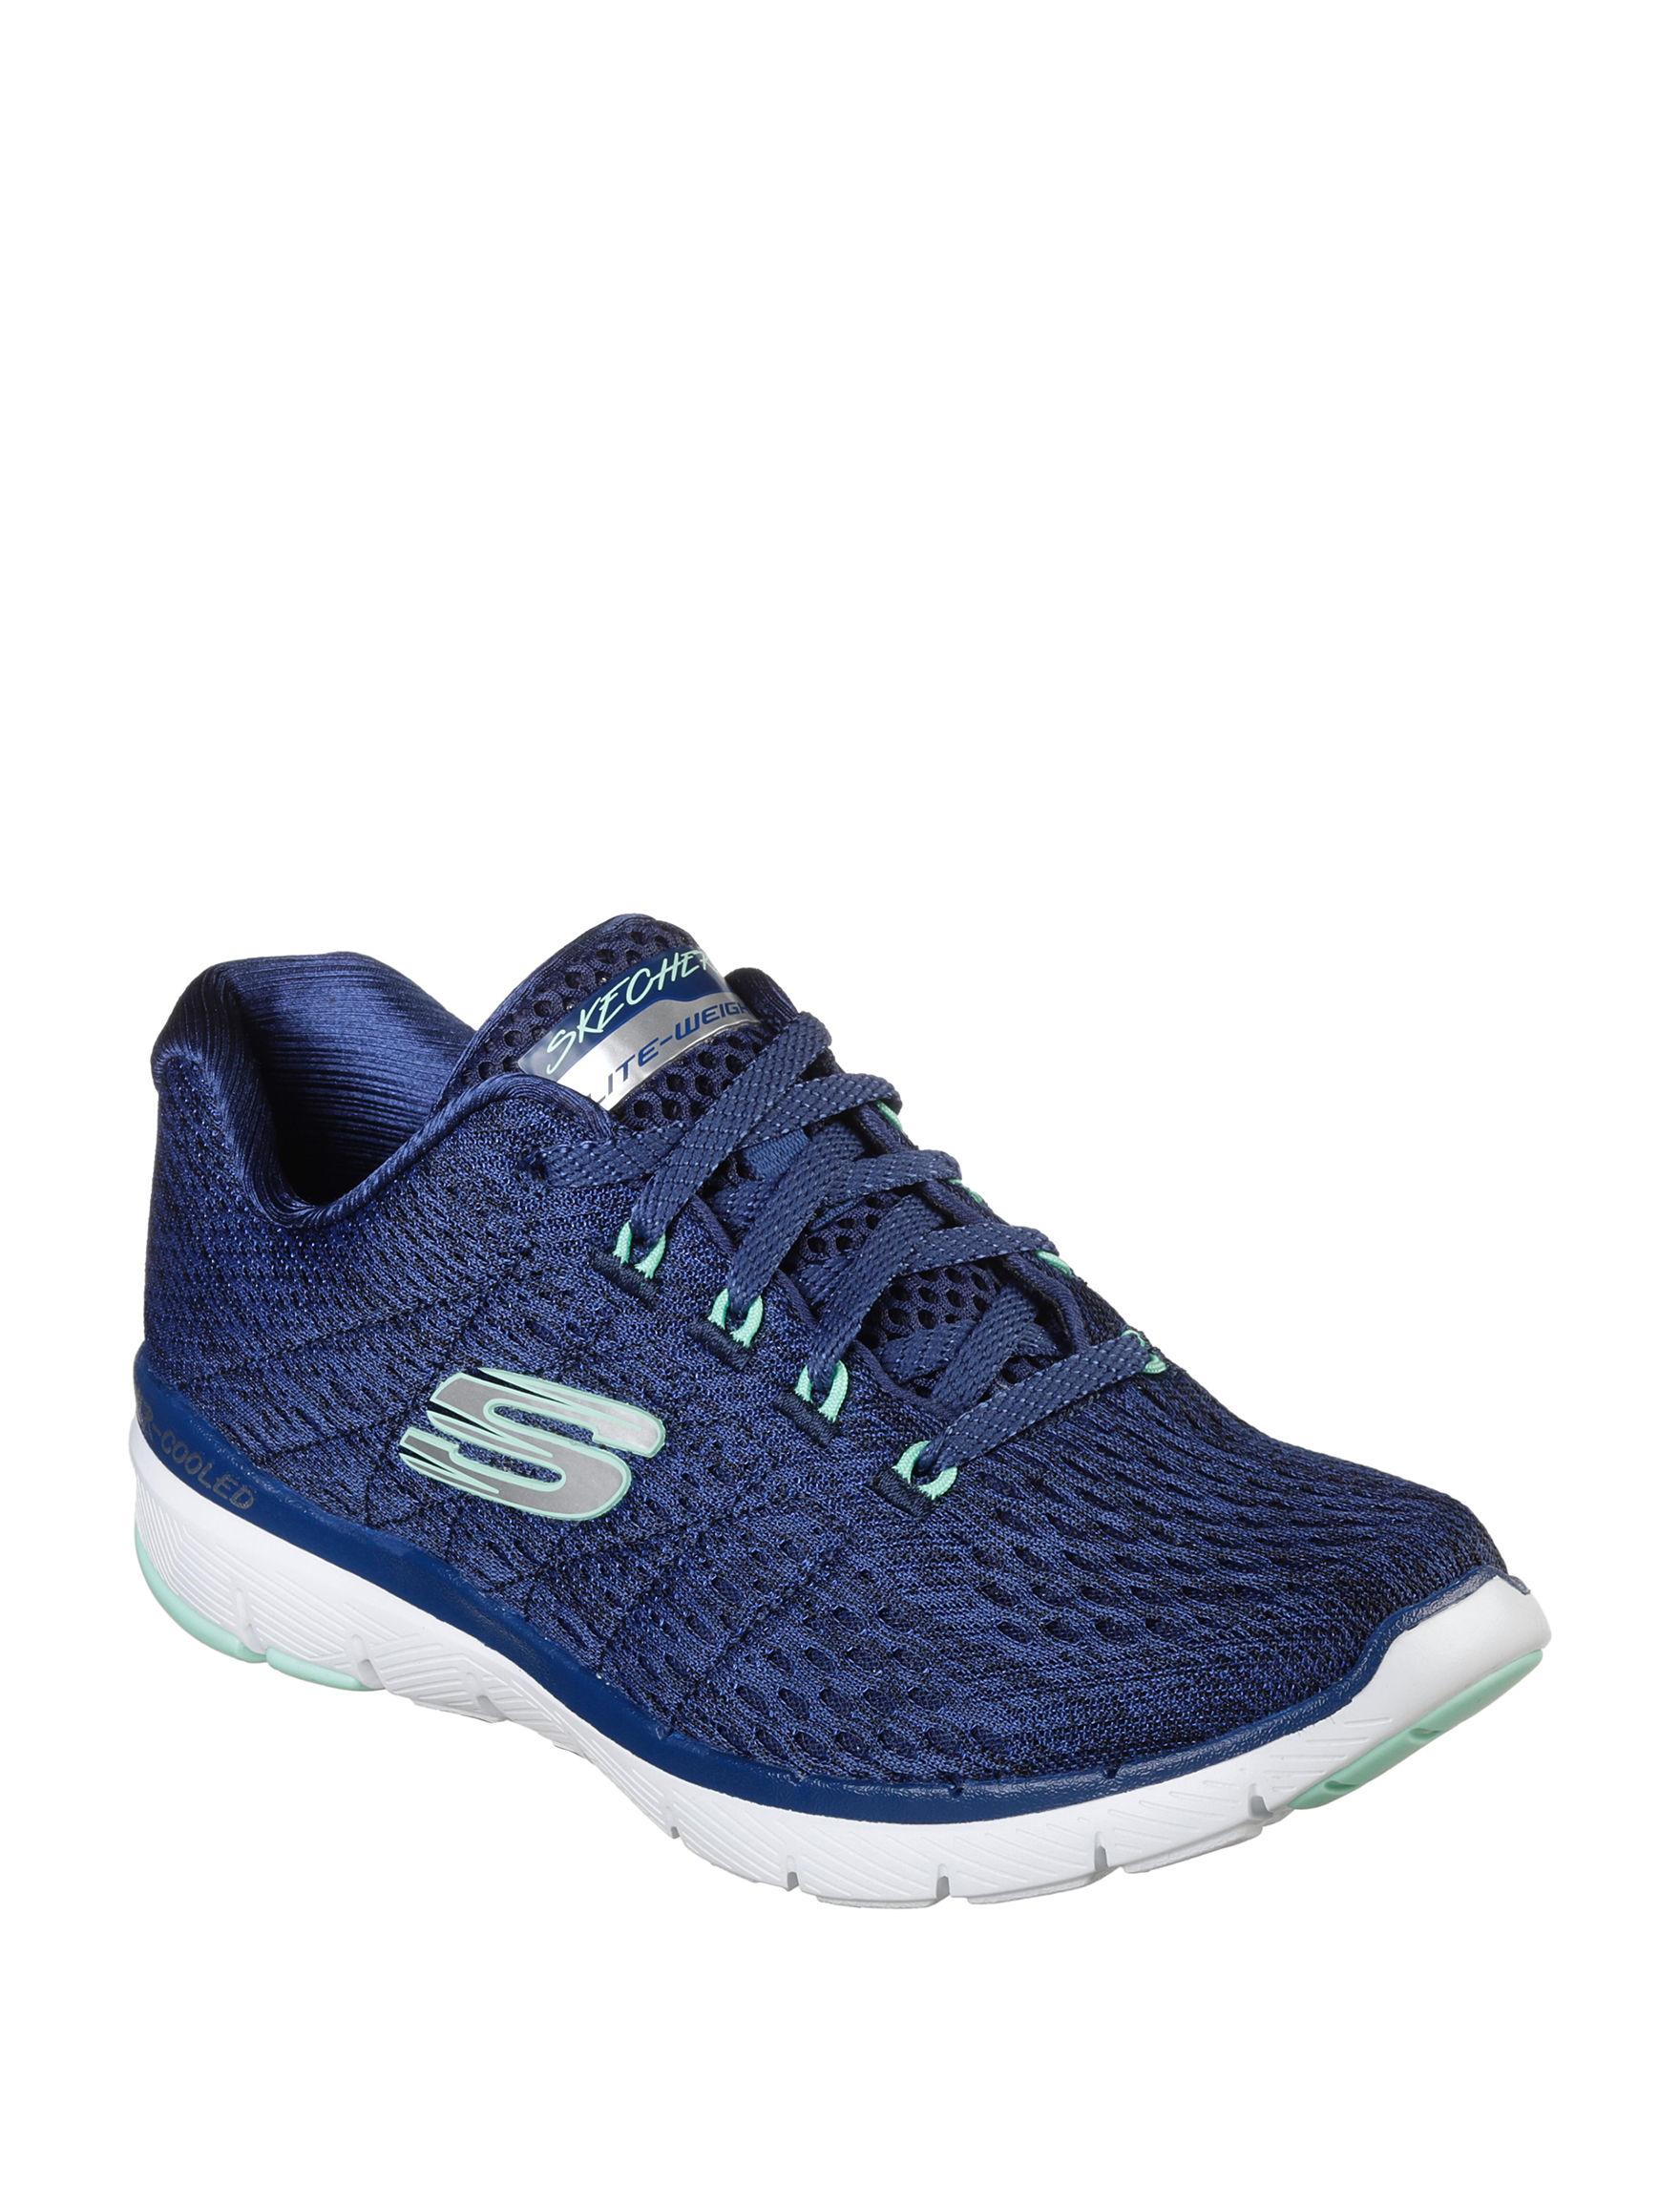 Skechers Navy Comfort Shoes